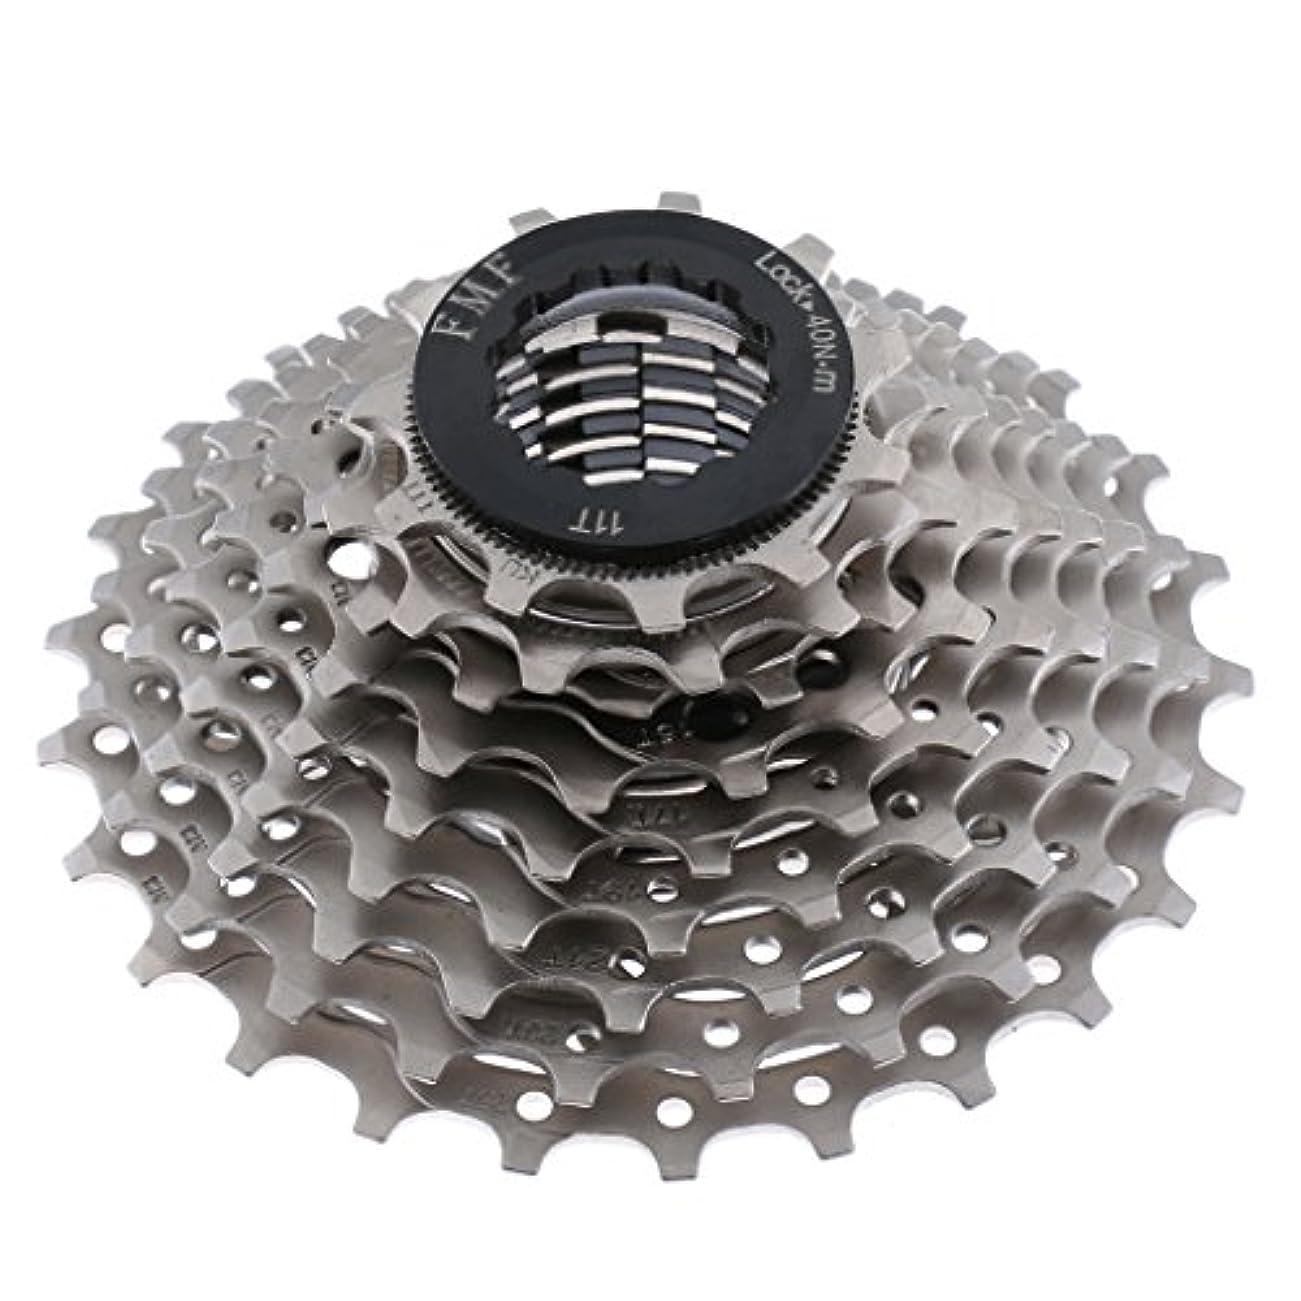 動員する事アジテーションFenteer 自転車 フリーホイール コグ マウンテンバイク カセット スプロケット パーツ ギア 長持ち 全3サイズ